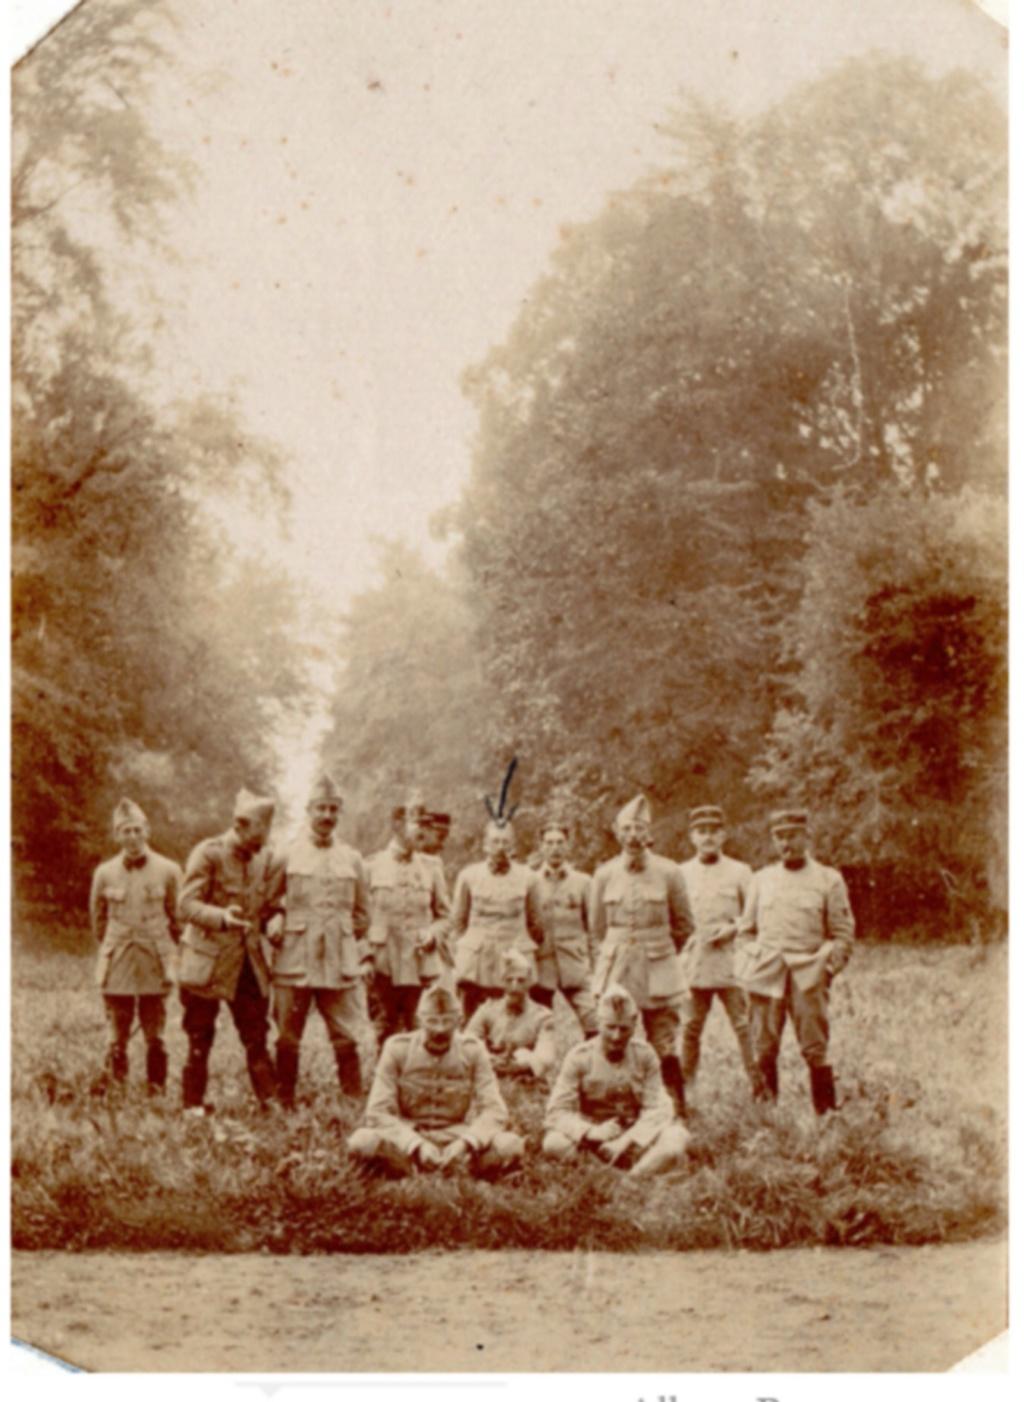 le CHATEAU : photos, cartes postales anciennes et photos actuelles Sans_t45